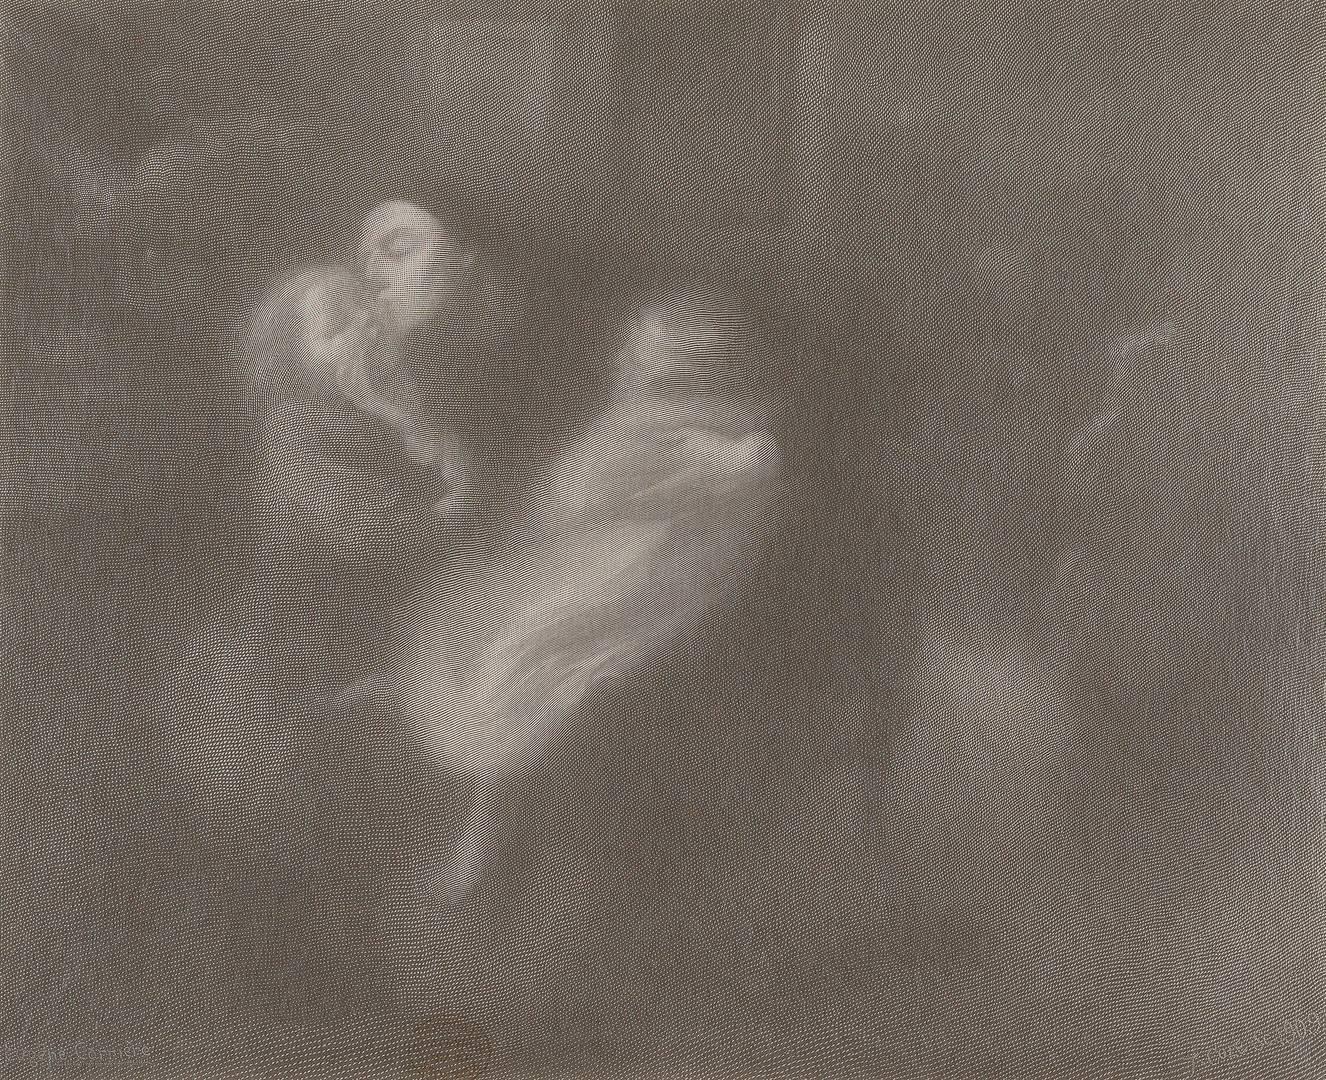 Тимоти Кол после Эжена Каррьера. Материнство. 1909